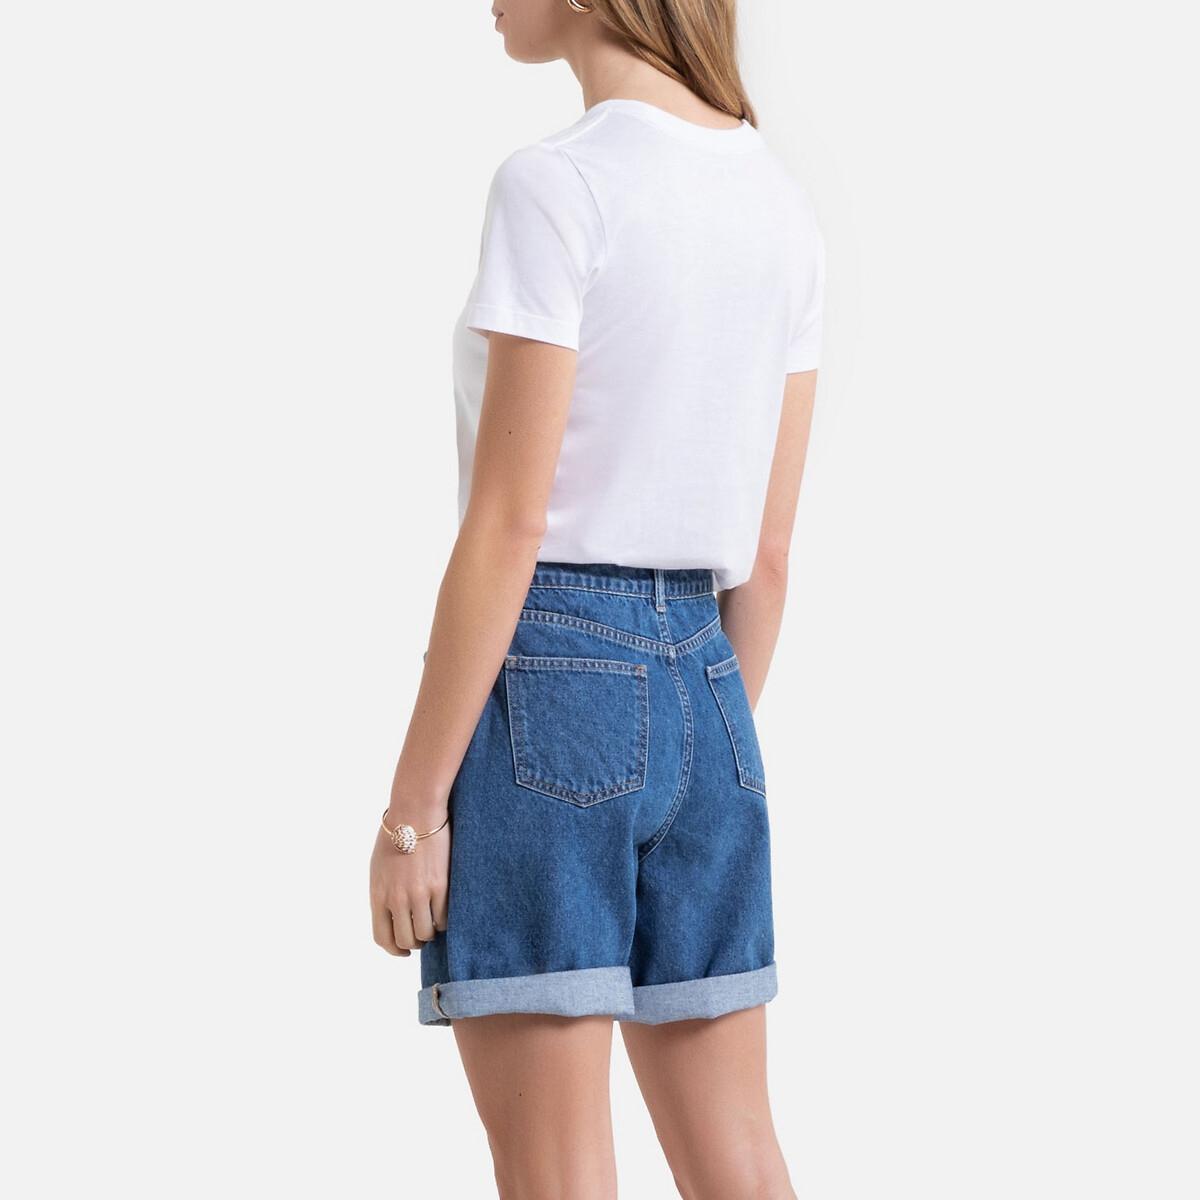 Camiseta 100% algodón con pequeño logotipo en el pecho